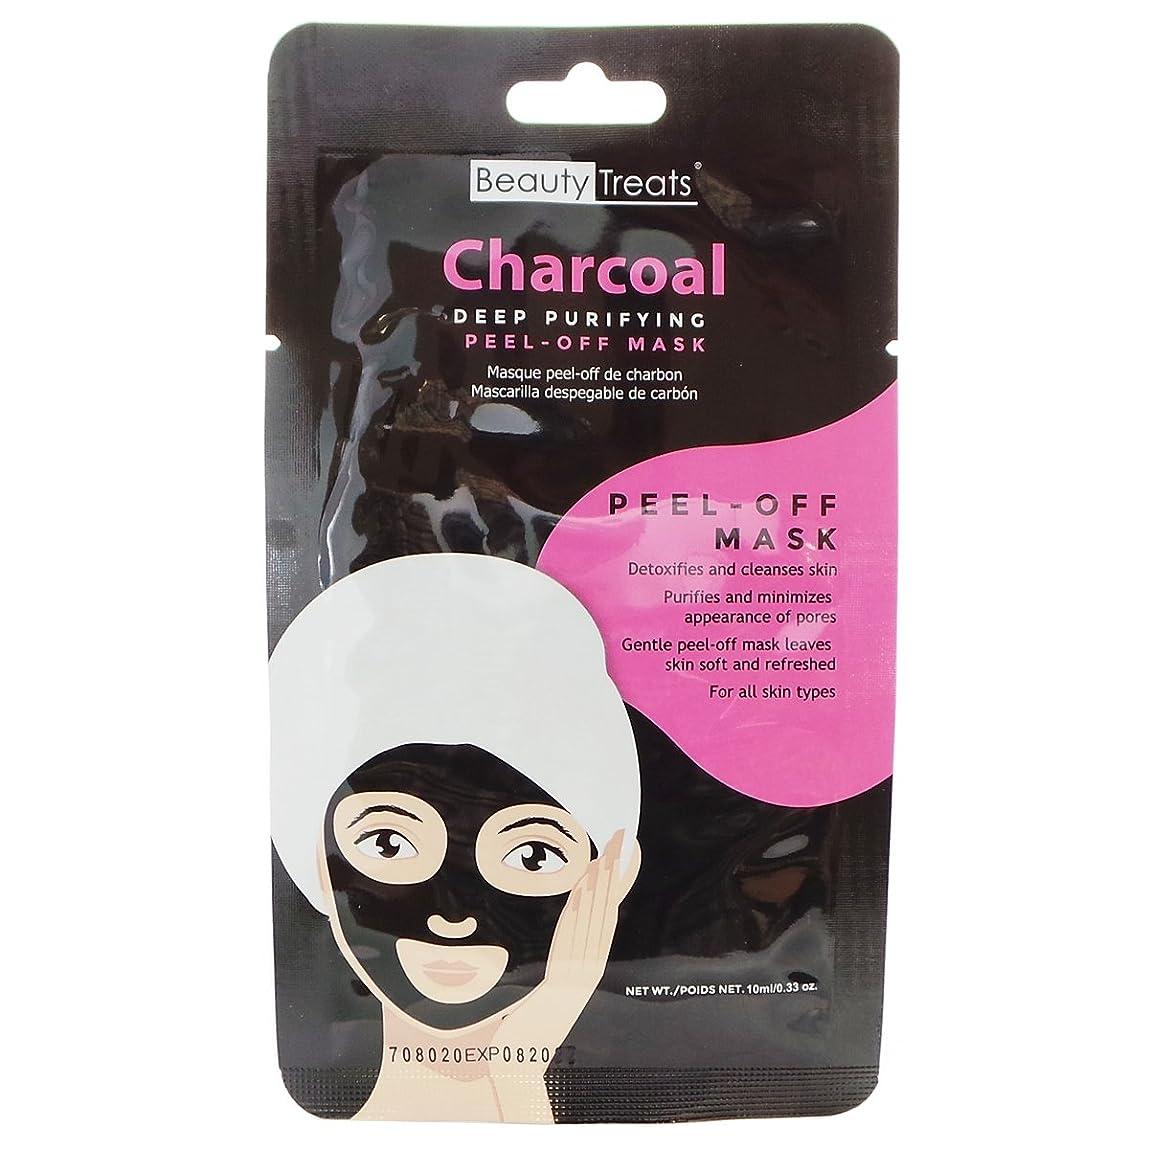 振動する収益武装解除BEAUTY TREATS Deep Purifying Peel-Off Charcoal Mask (並行輸入品)